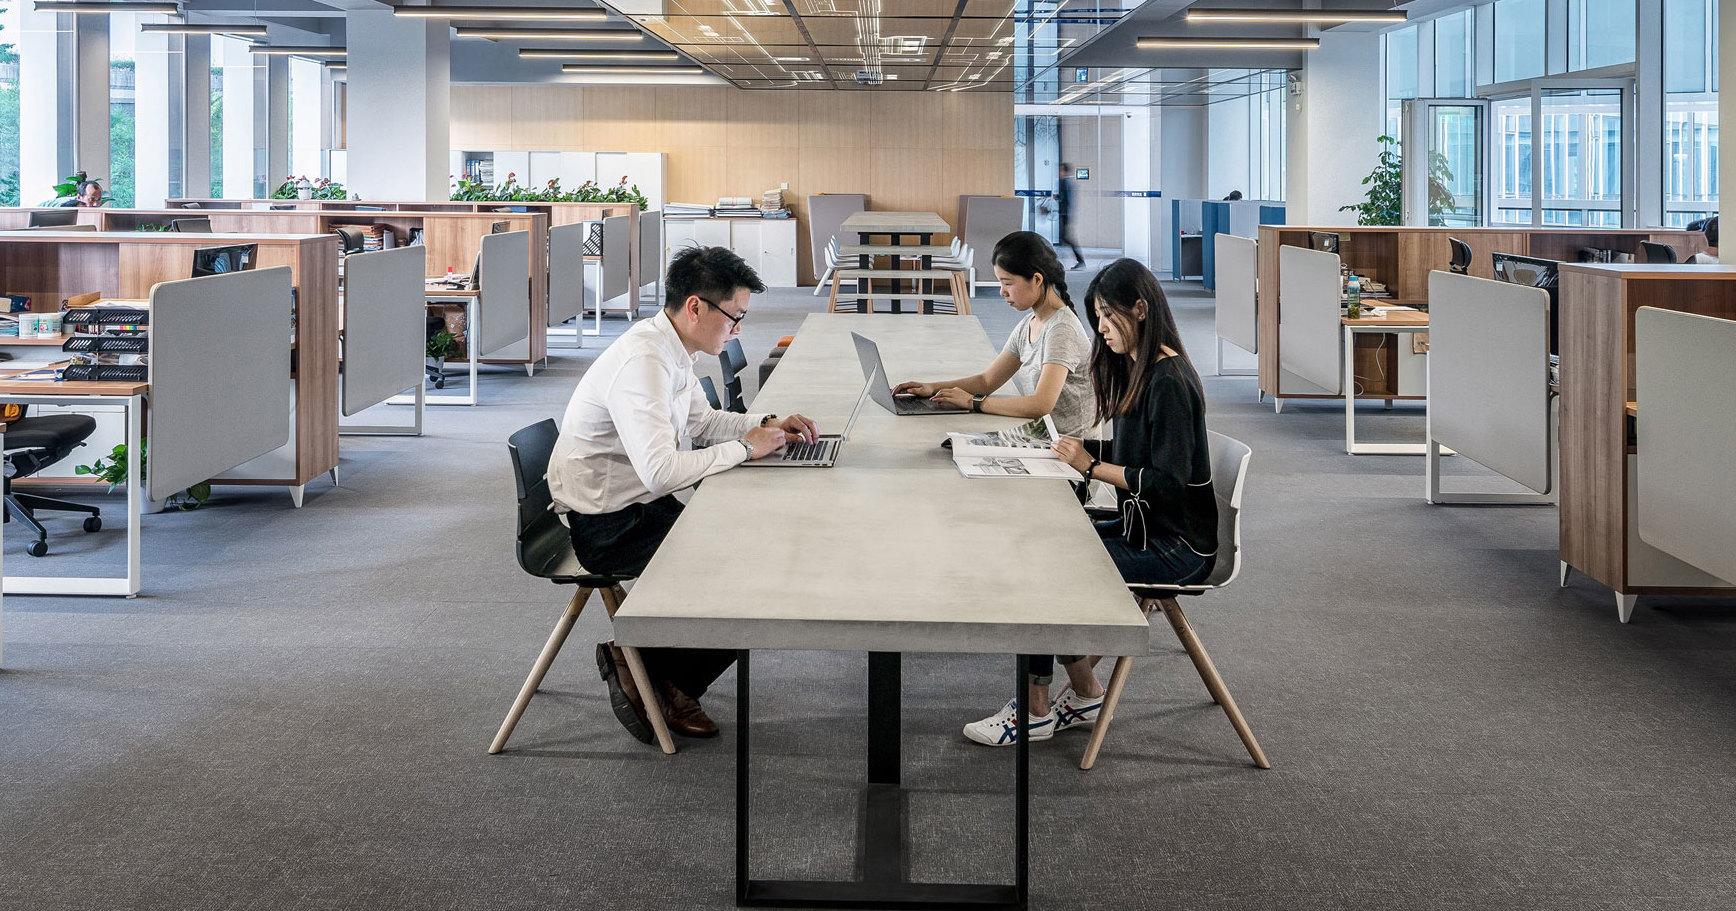 Сможет ли массажный стол заменить офисное кресло